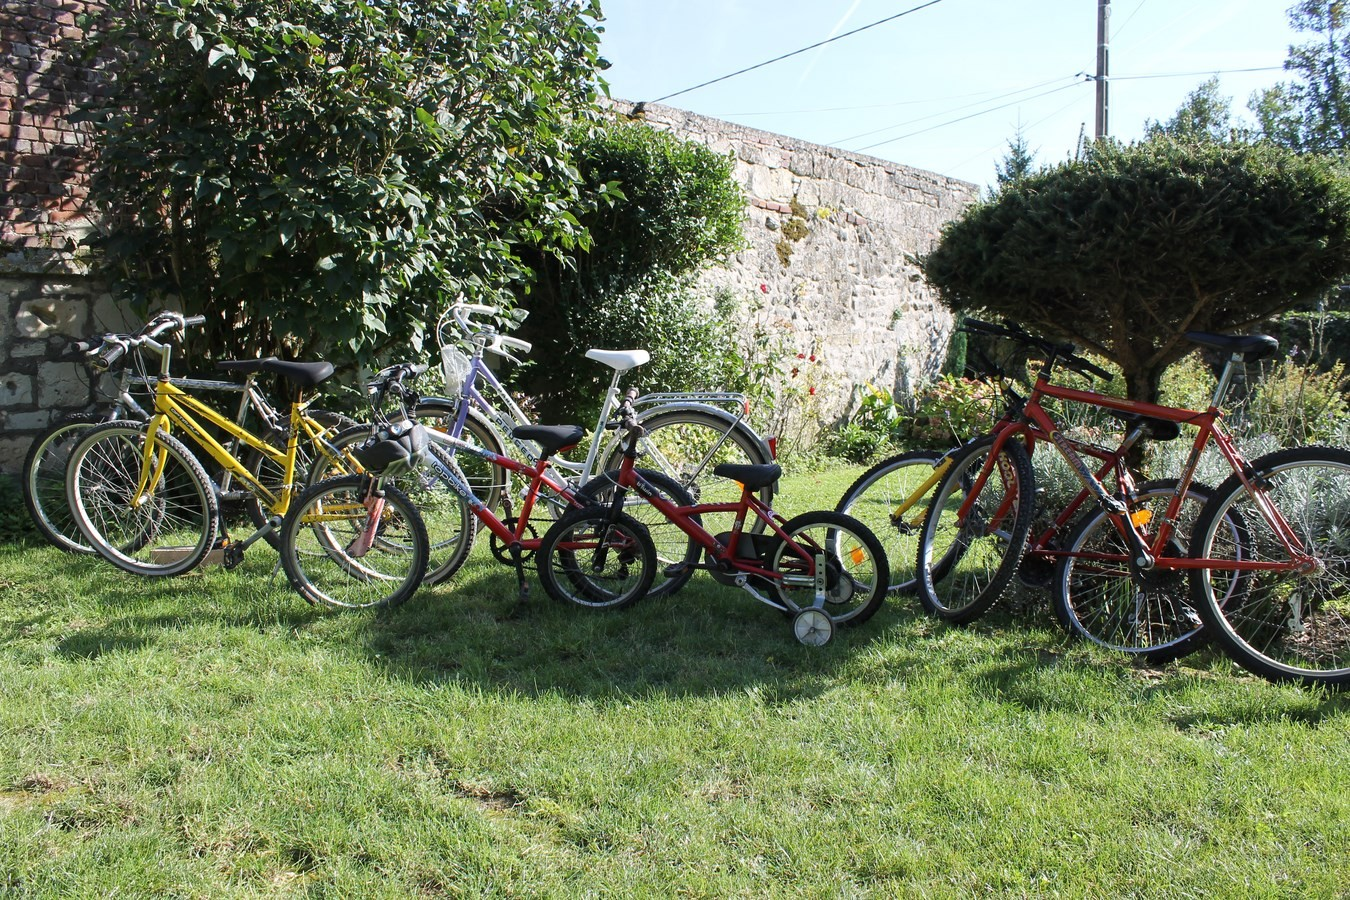 préts de 6 vélos petits et grand.